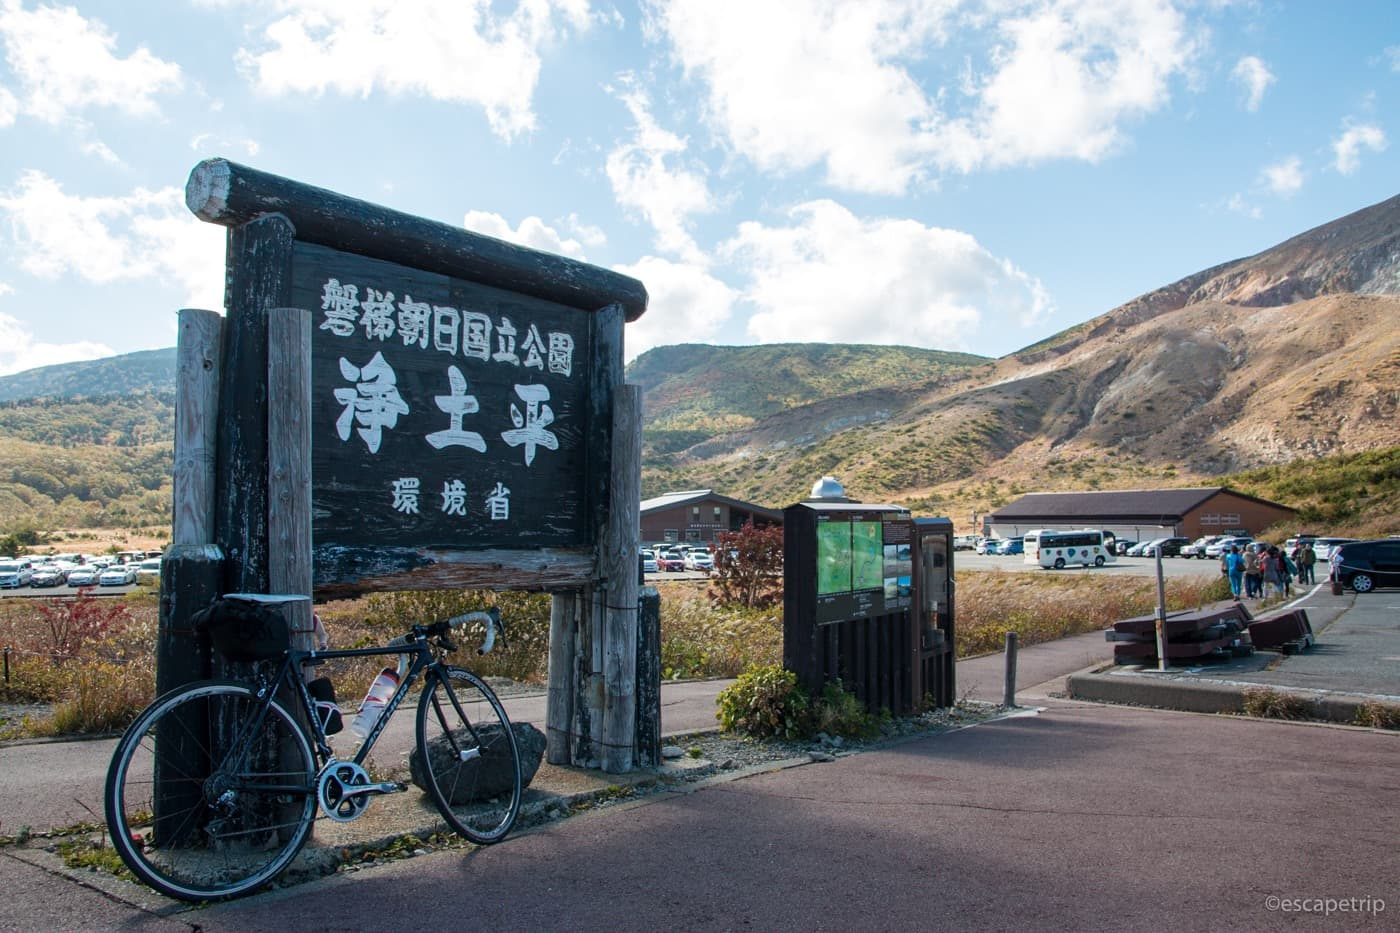 浄土平の看板とロードバイク